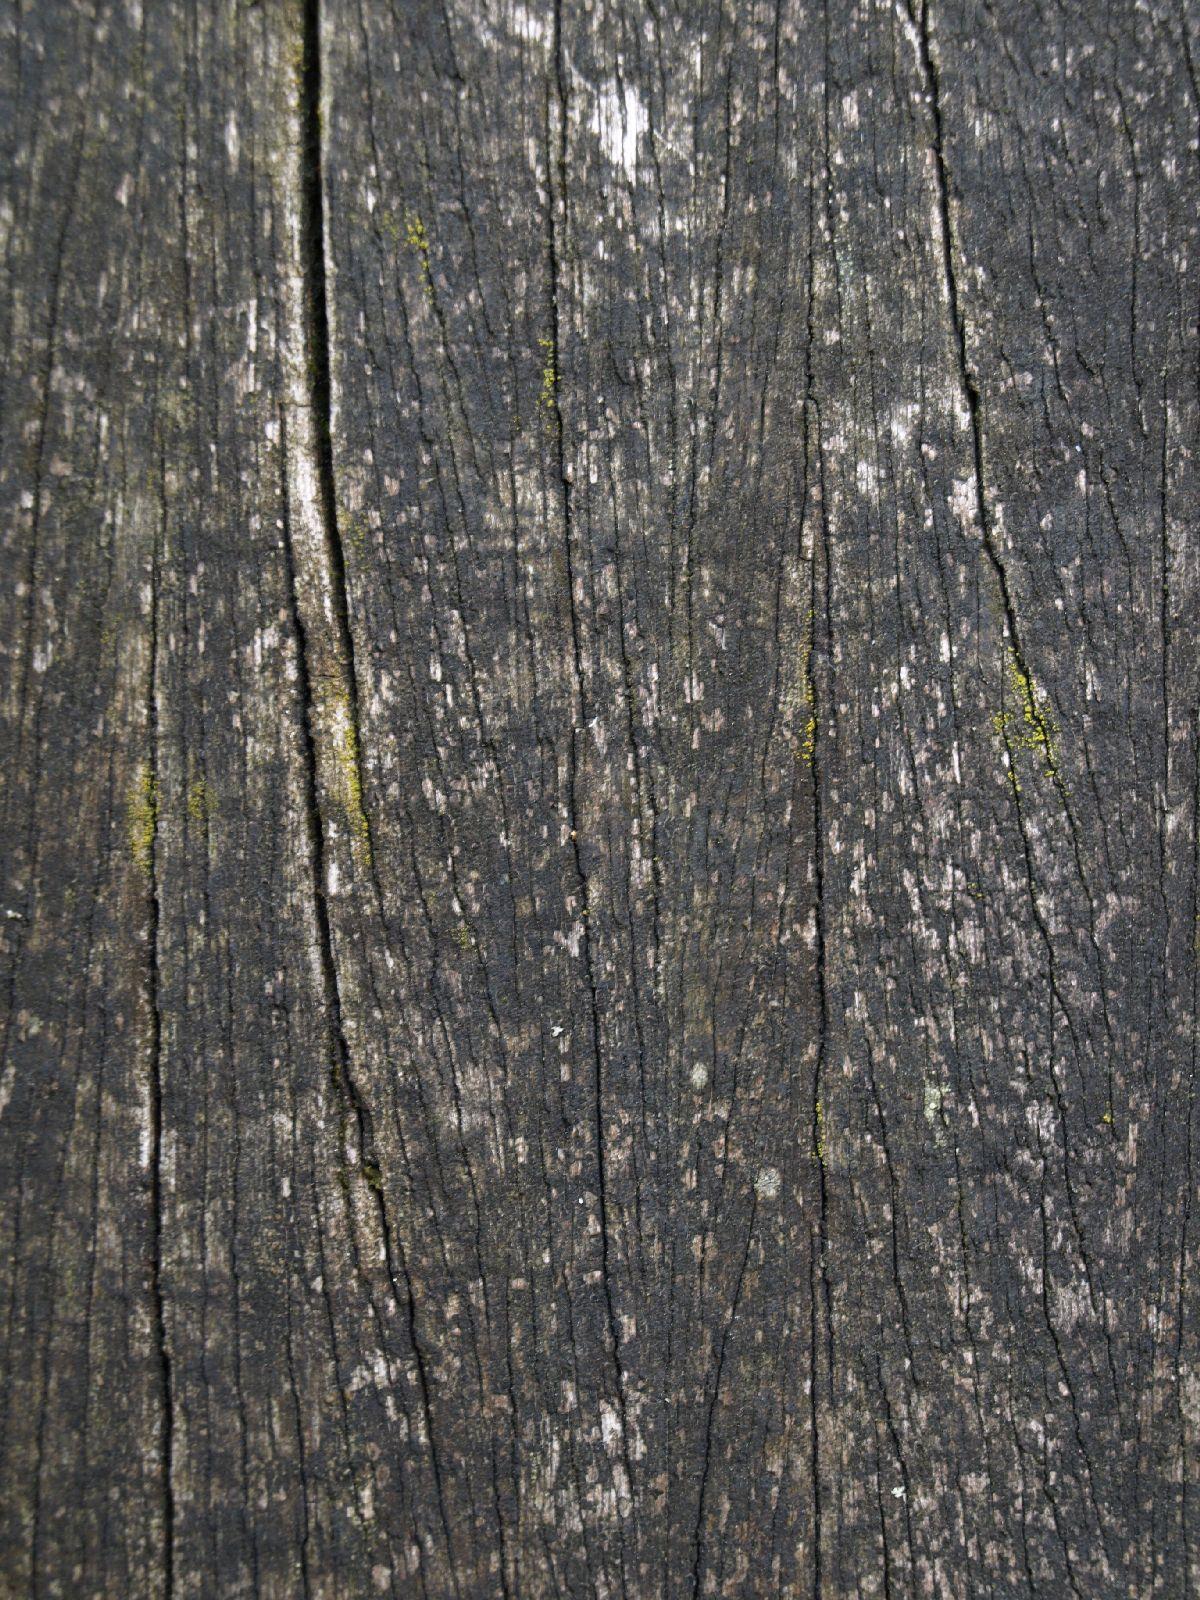 Holz_Textur_A_P5253065